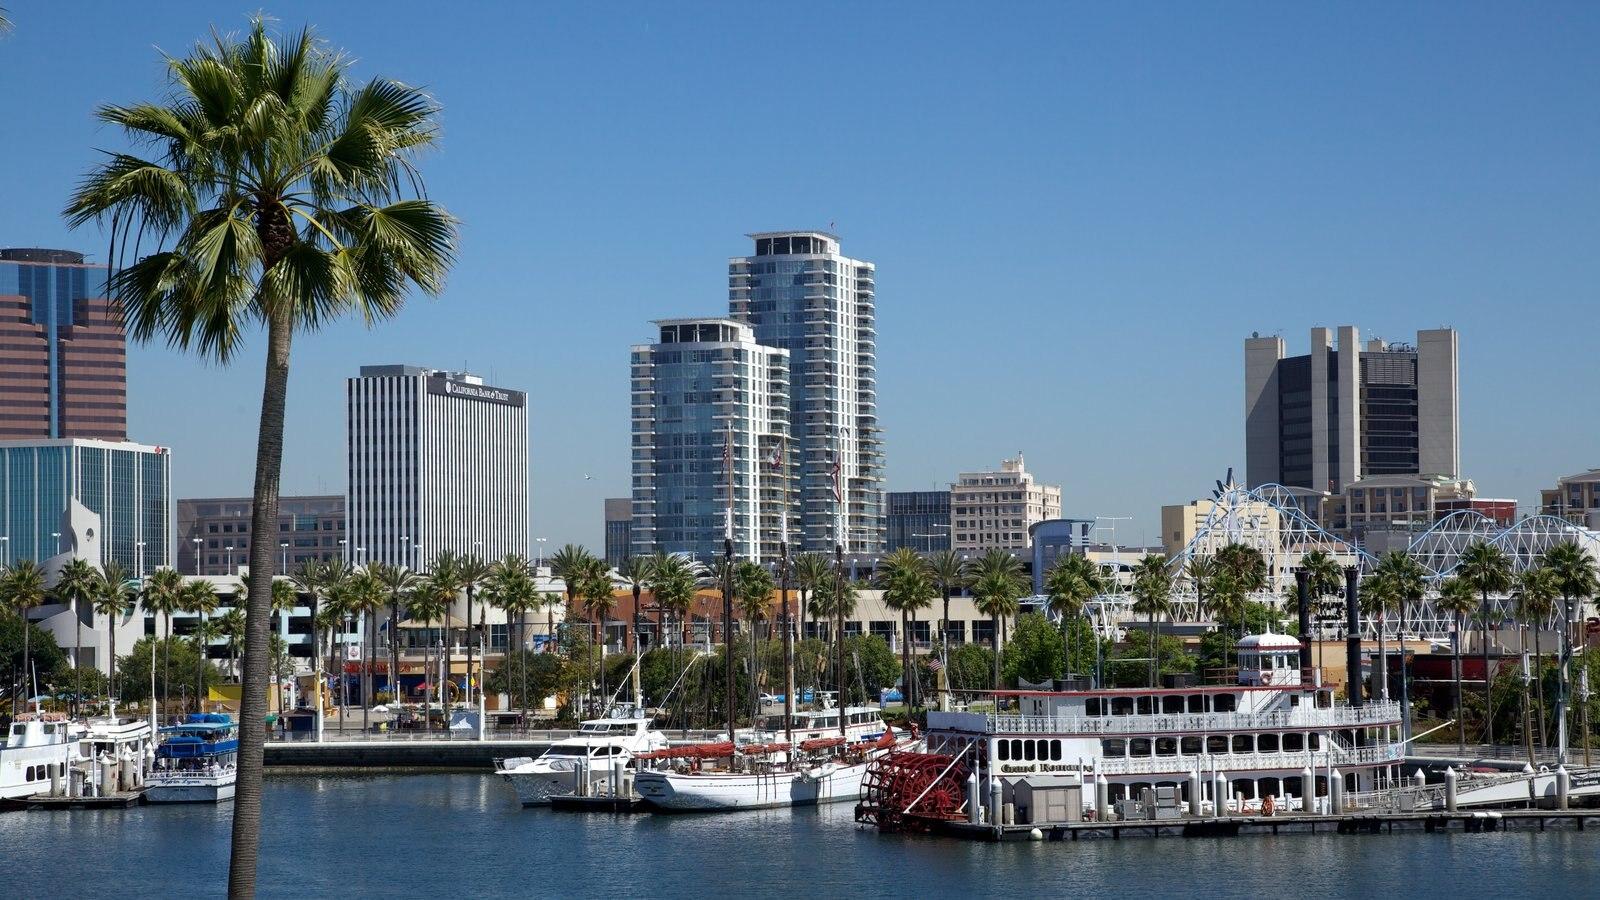 Long Beach que incluye una bahía o puerto, distrito financiero central y paseos en lancha